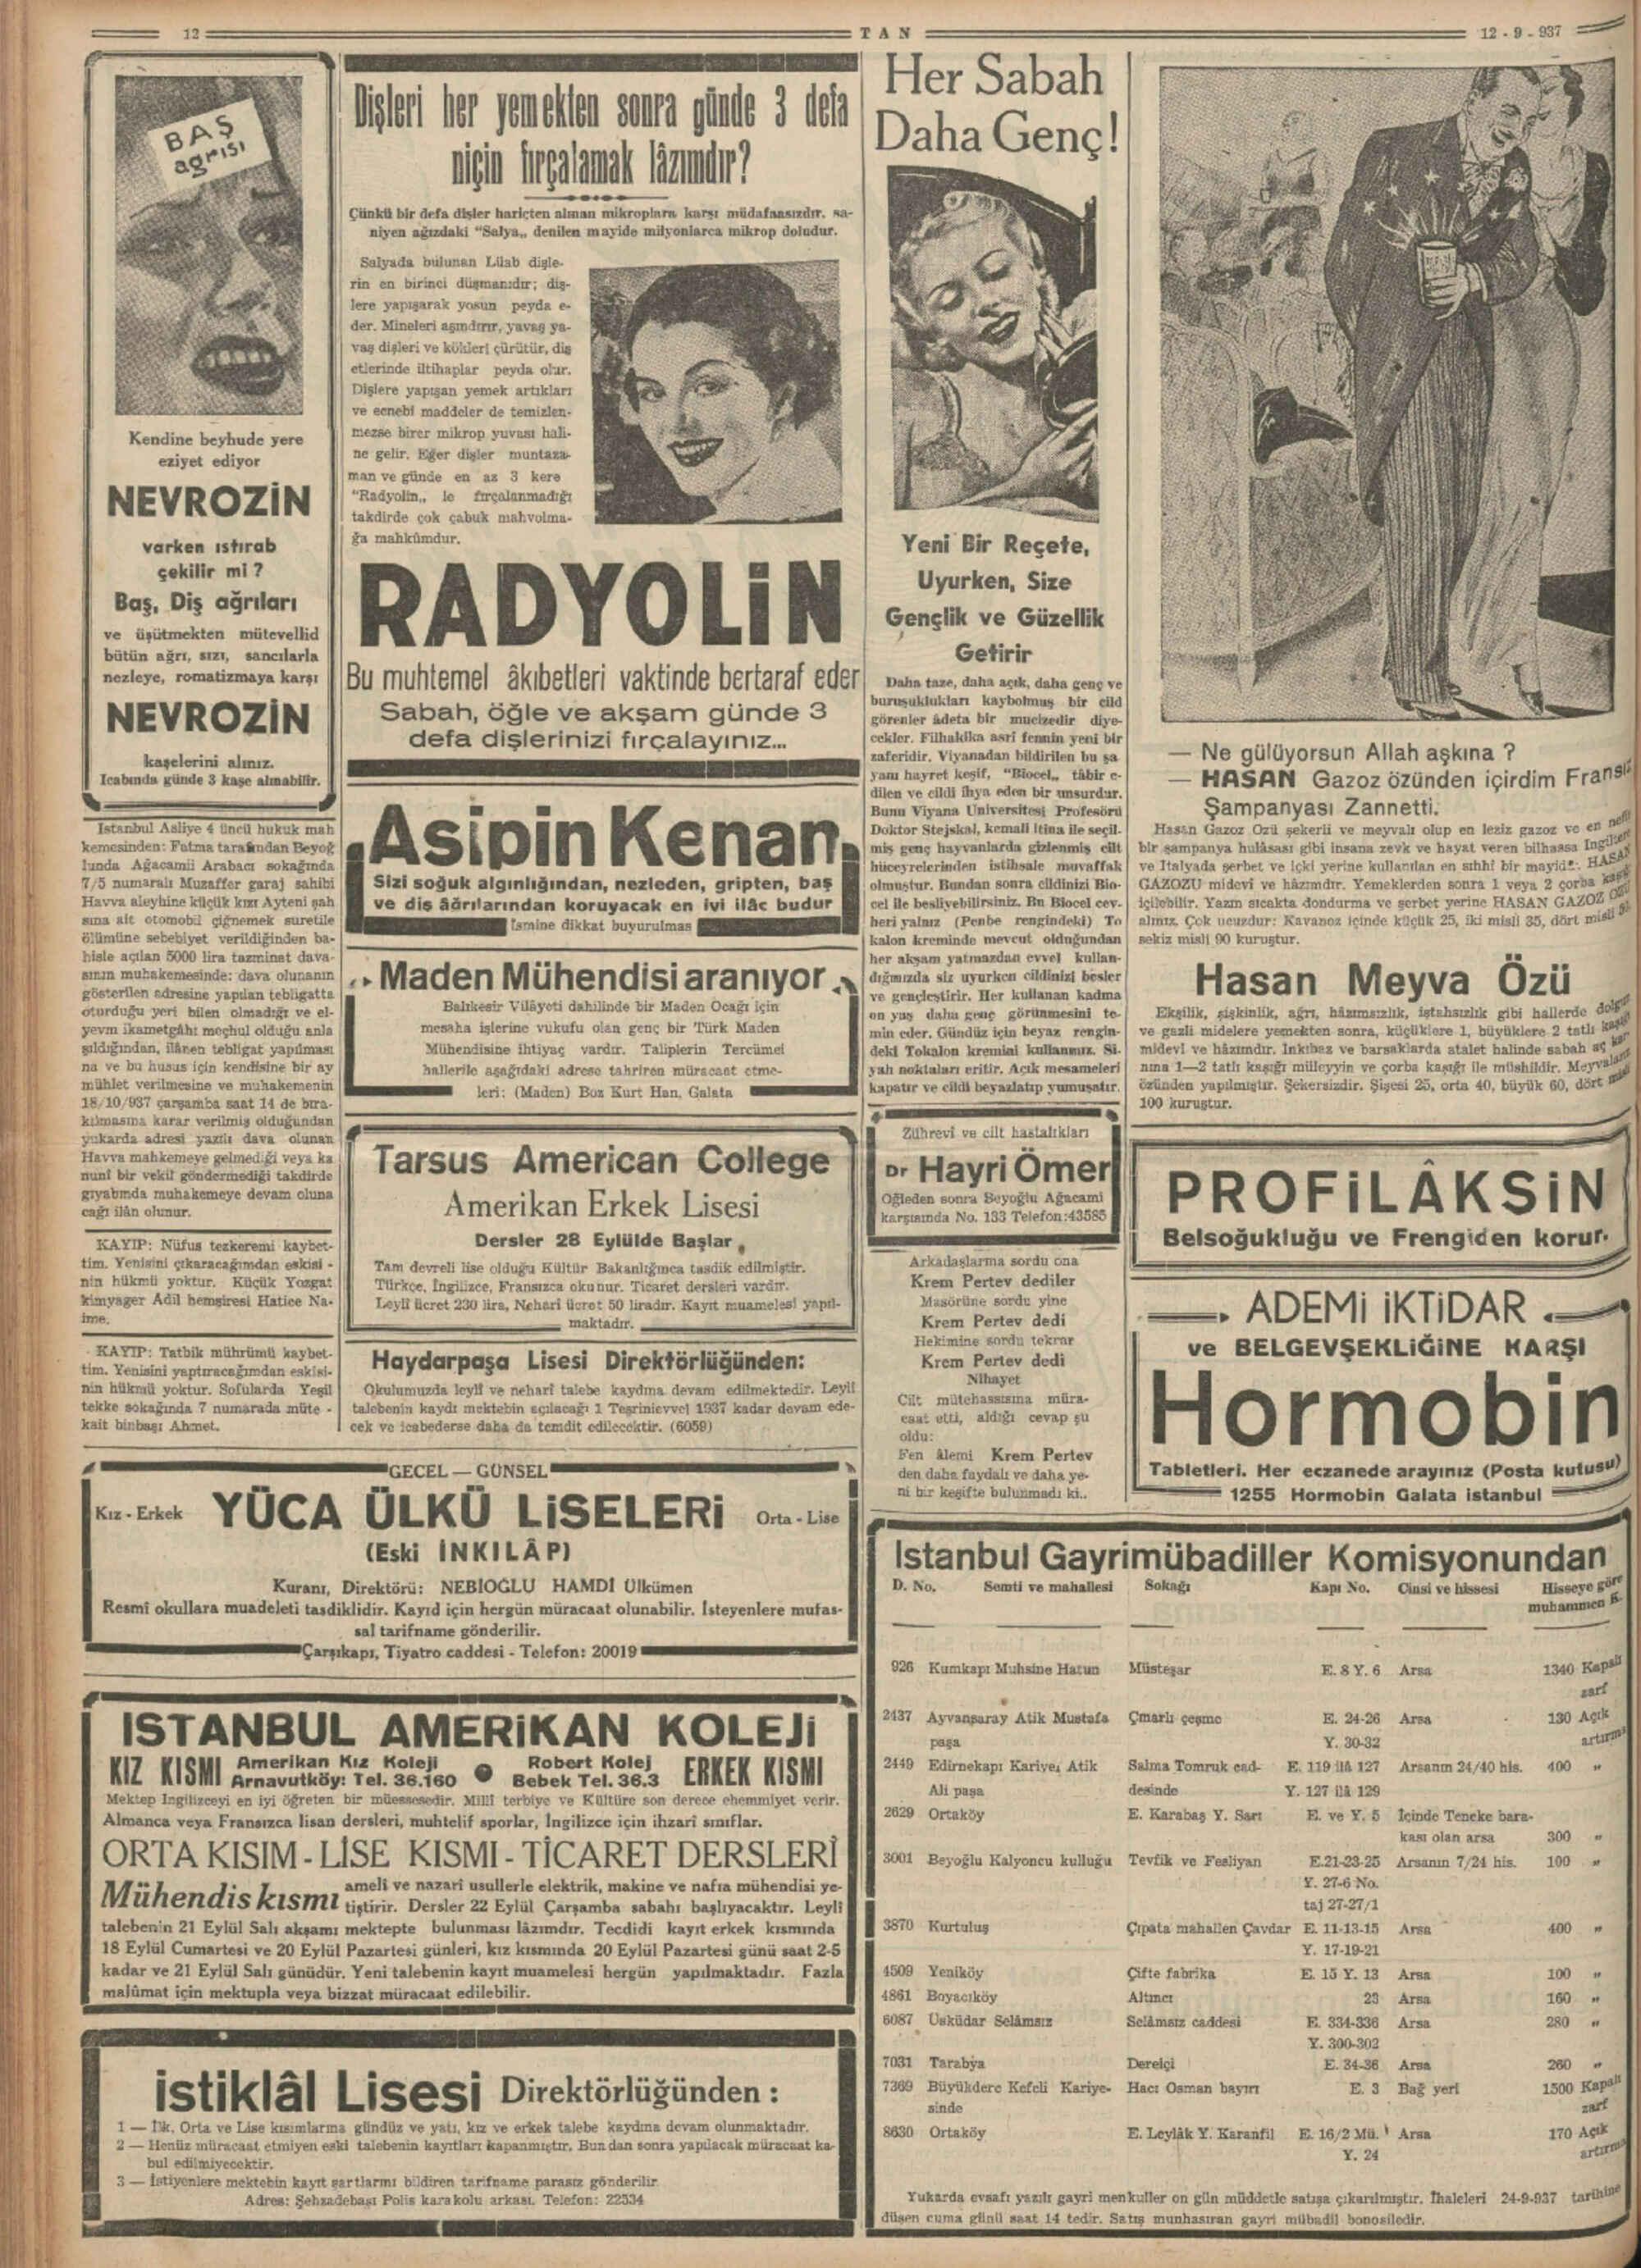 12 Eylül 1937 Tarihli Tan Dergisi Sayfa 12